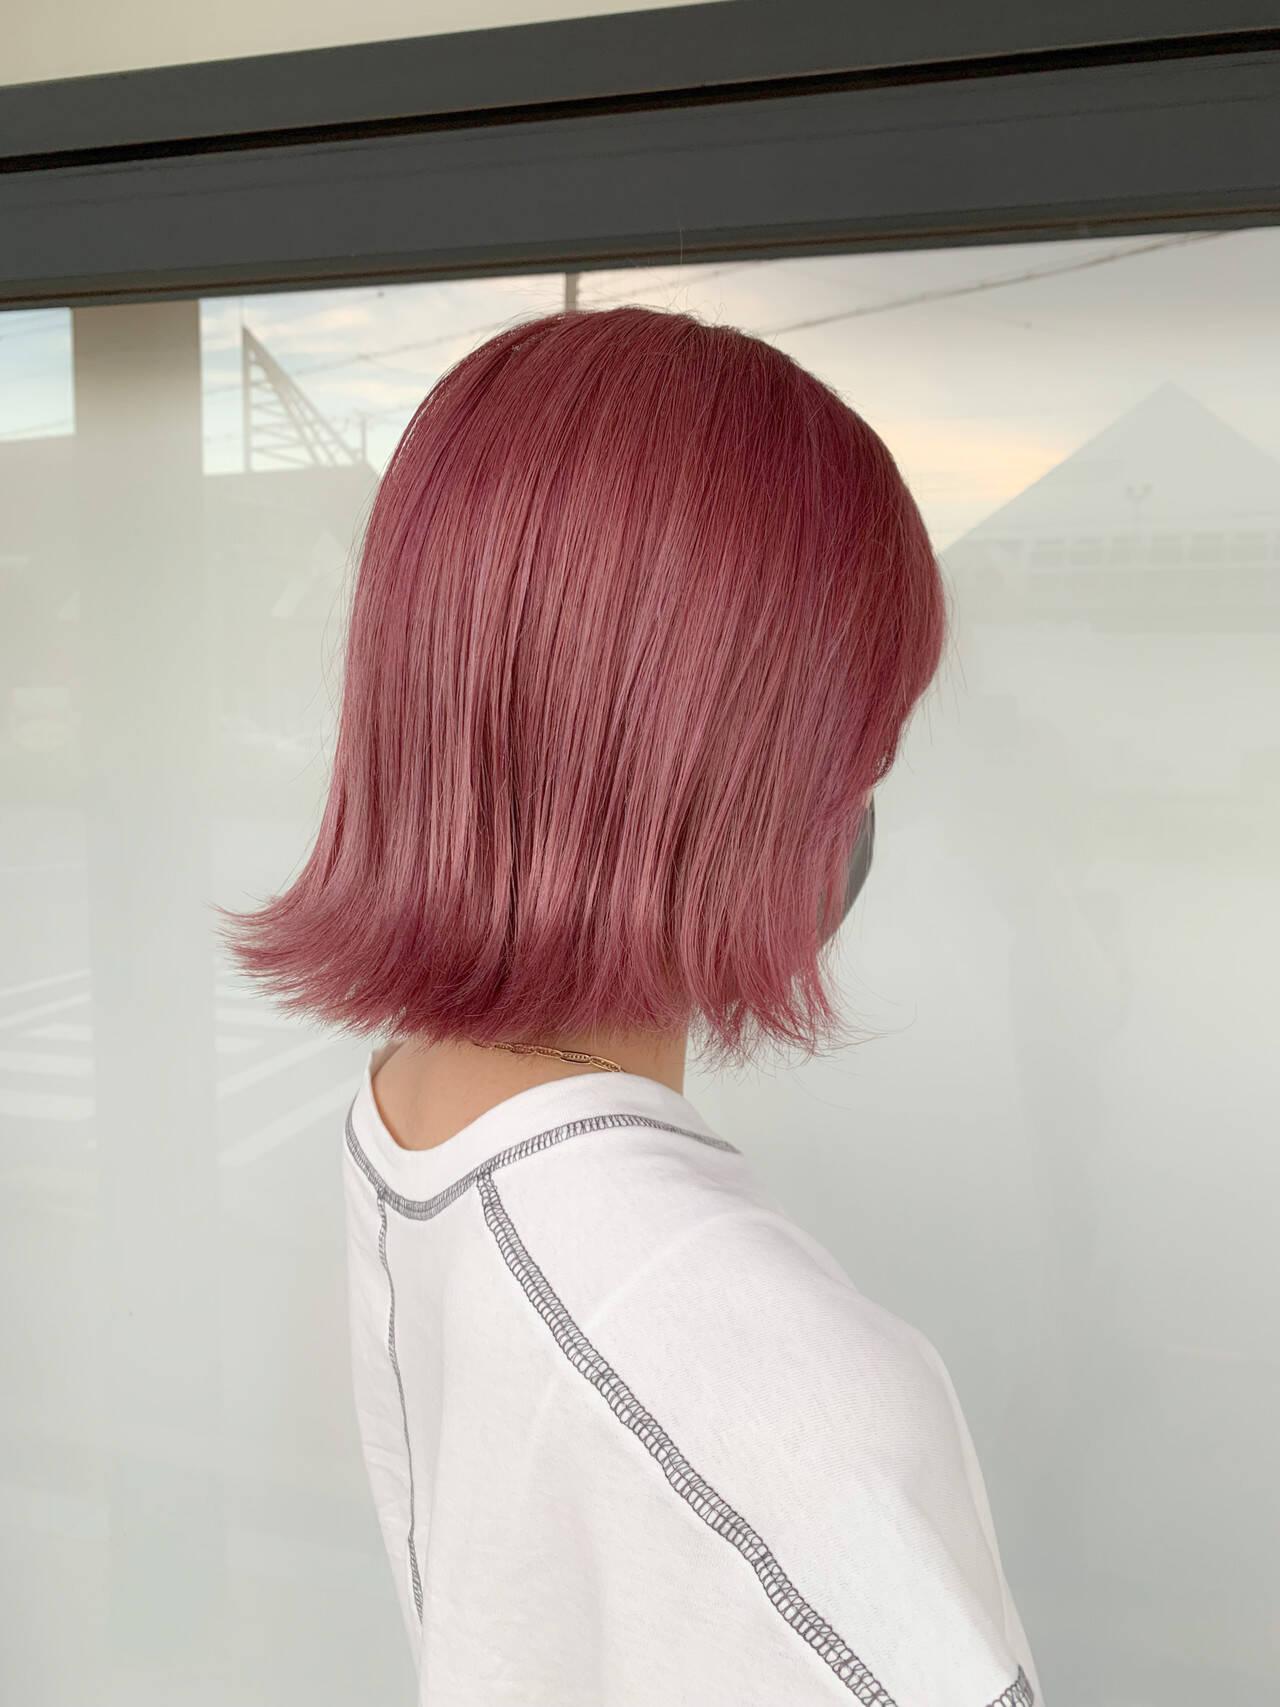 ミディアム ブリーチ ガーリー ピンクヘアスタイルや髪型の写真・画像